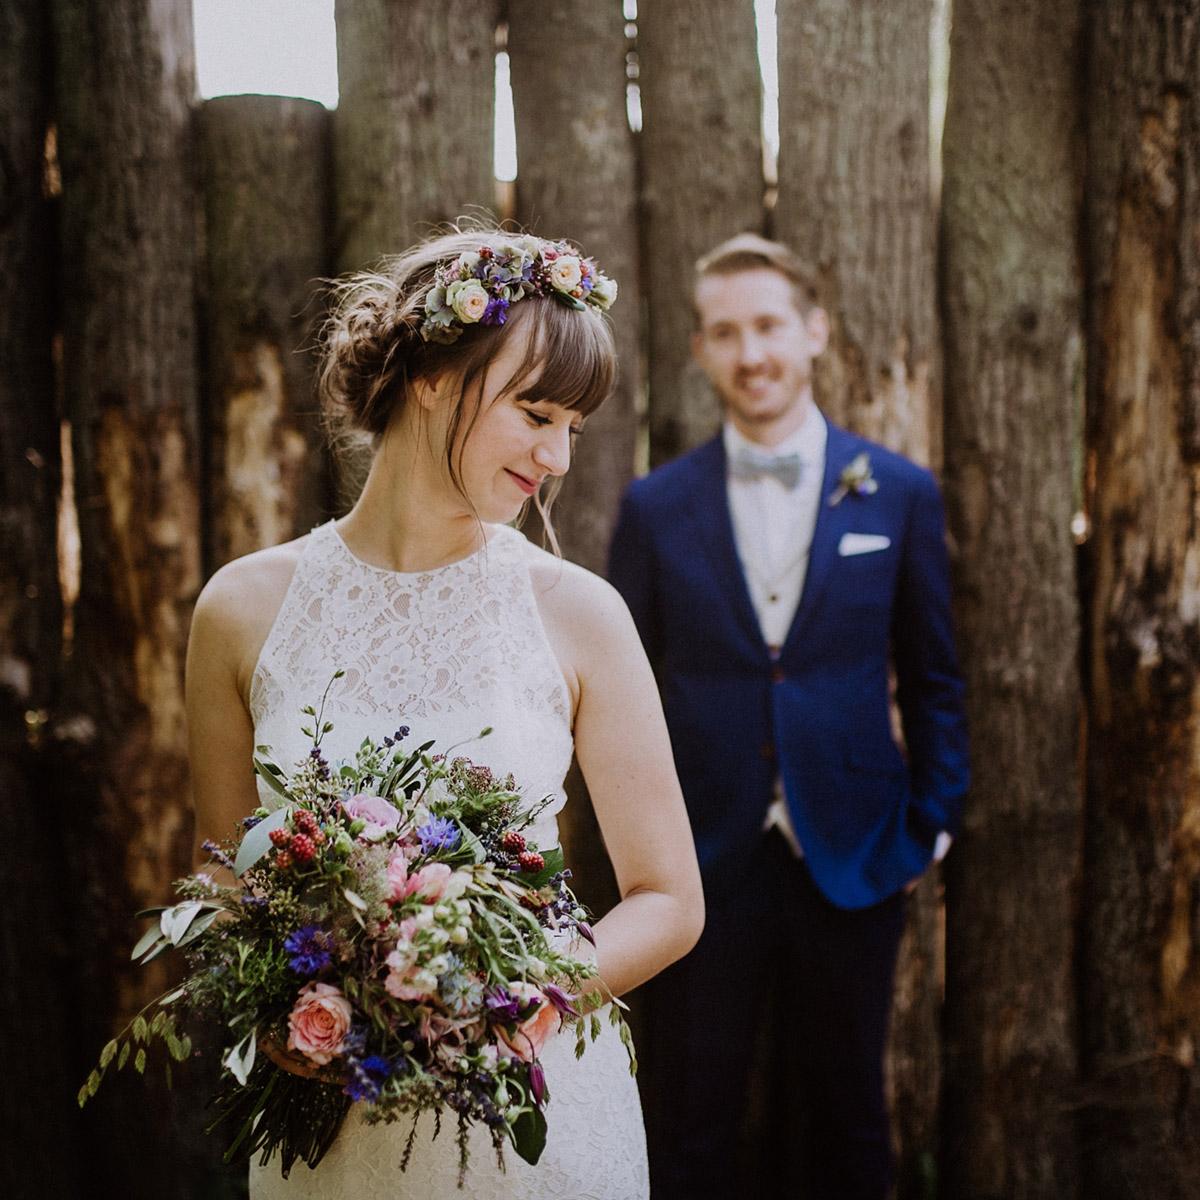 modernes Brautpaarfoto bei Museumsdorf Düppel Hochzeit - Hochzeitsvilla Zehlendorf Berlin Hochzeitsfotograf © www.hochzeitslicht.de